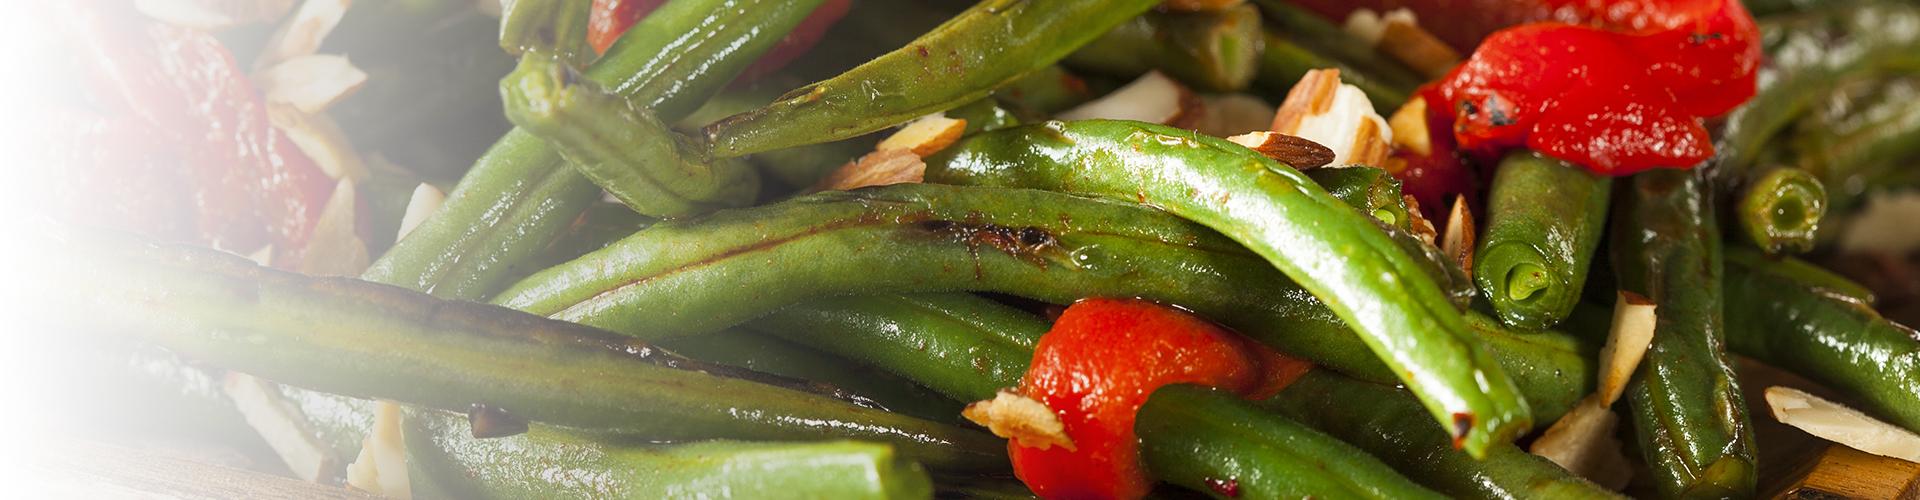 hazelnut green beans